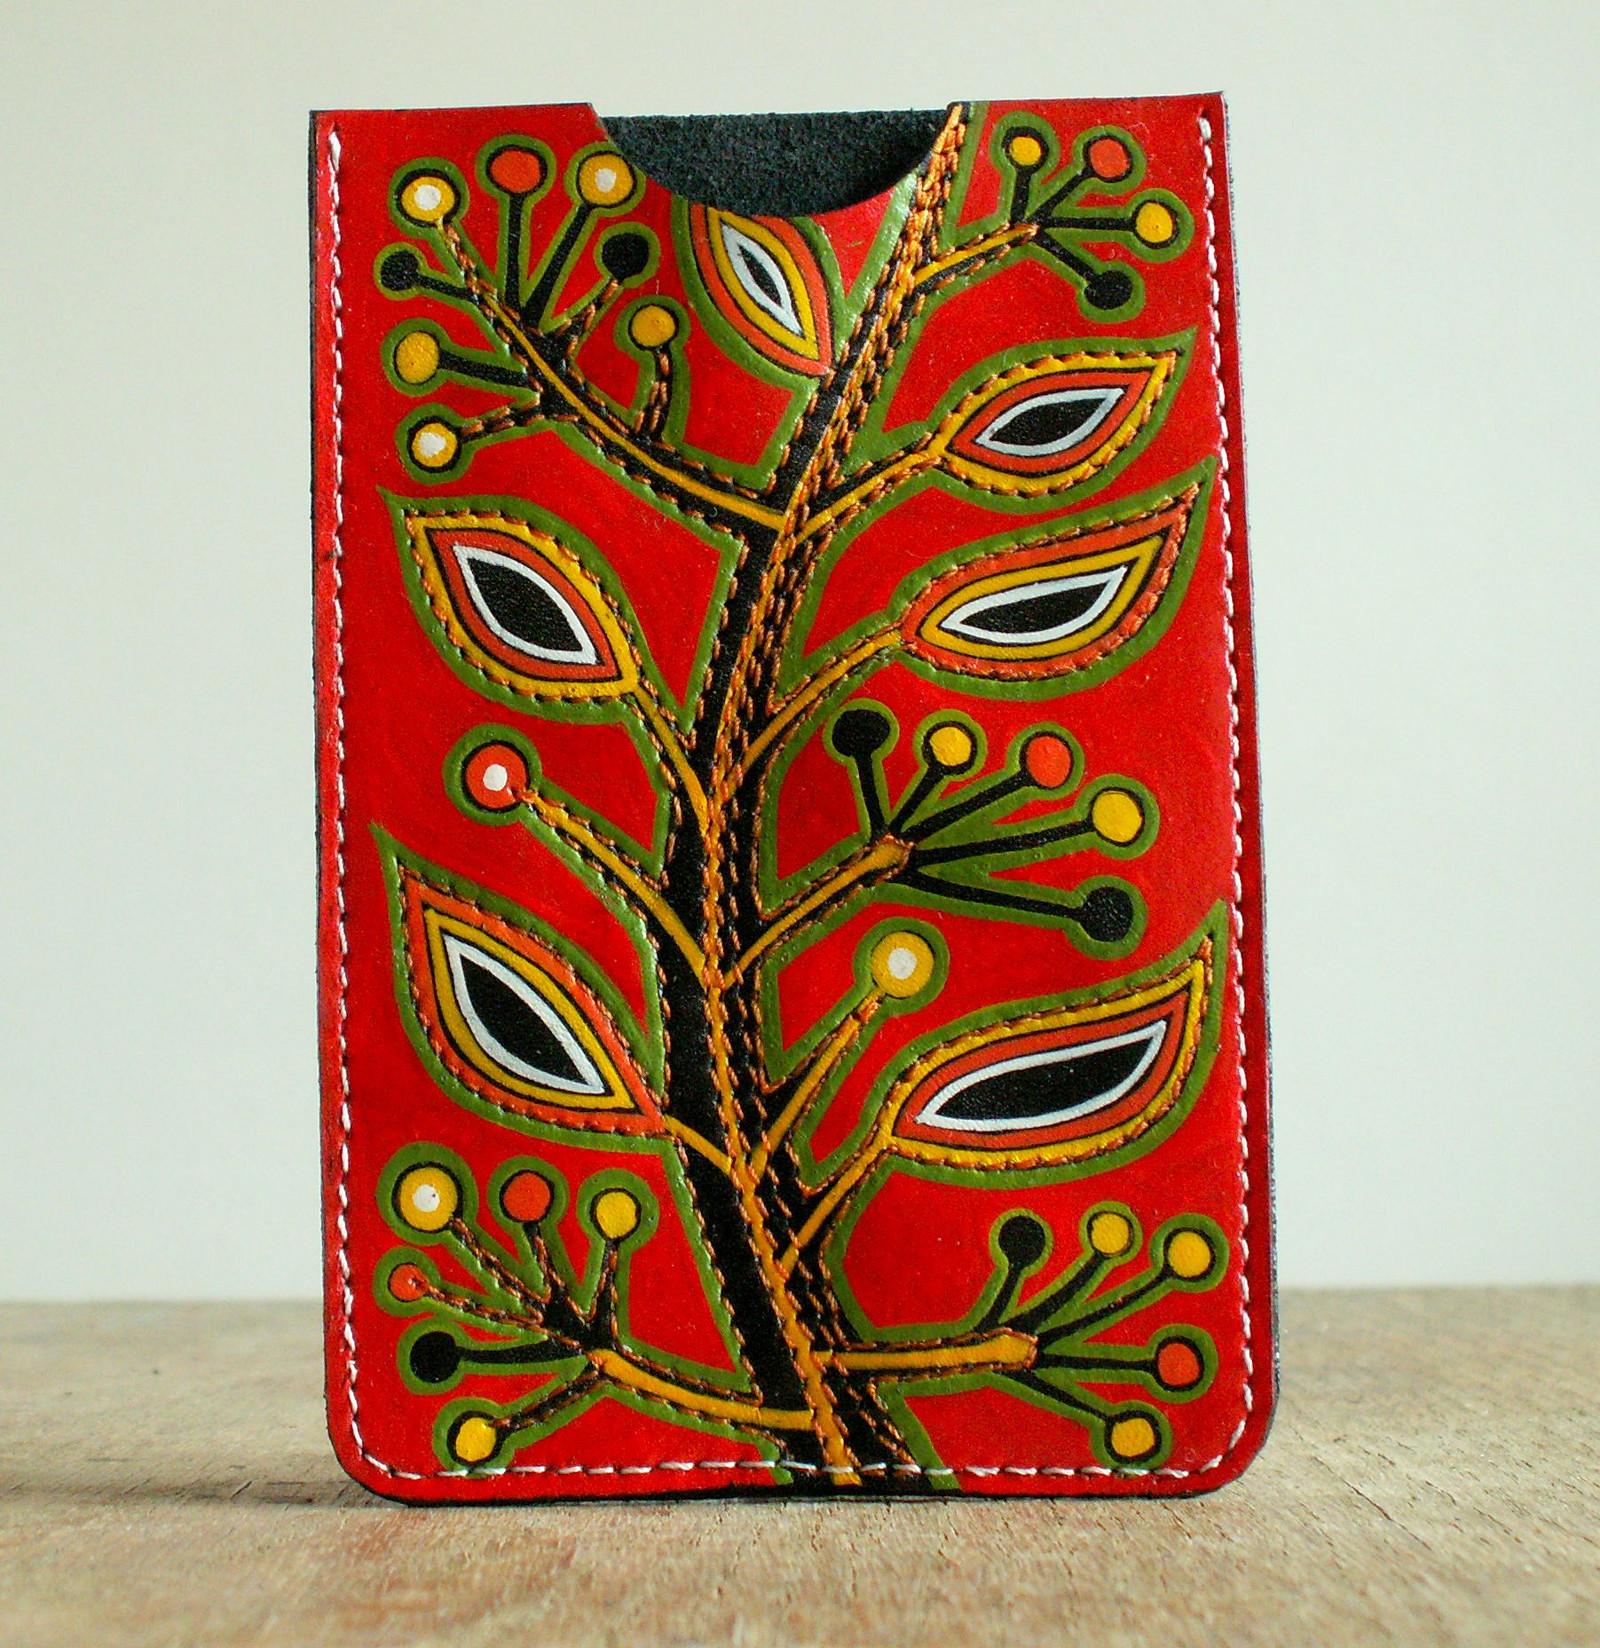 Strom životu - kožené pouzdro na mobil   Zboží prodejce Natellka ... 381304d082